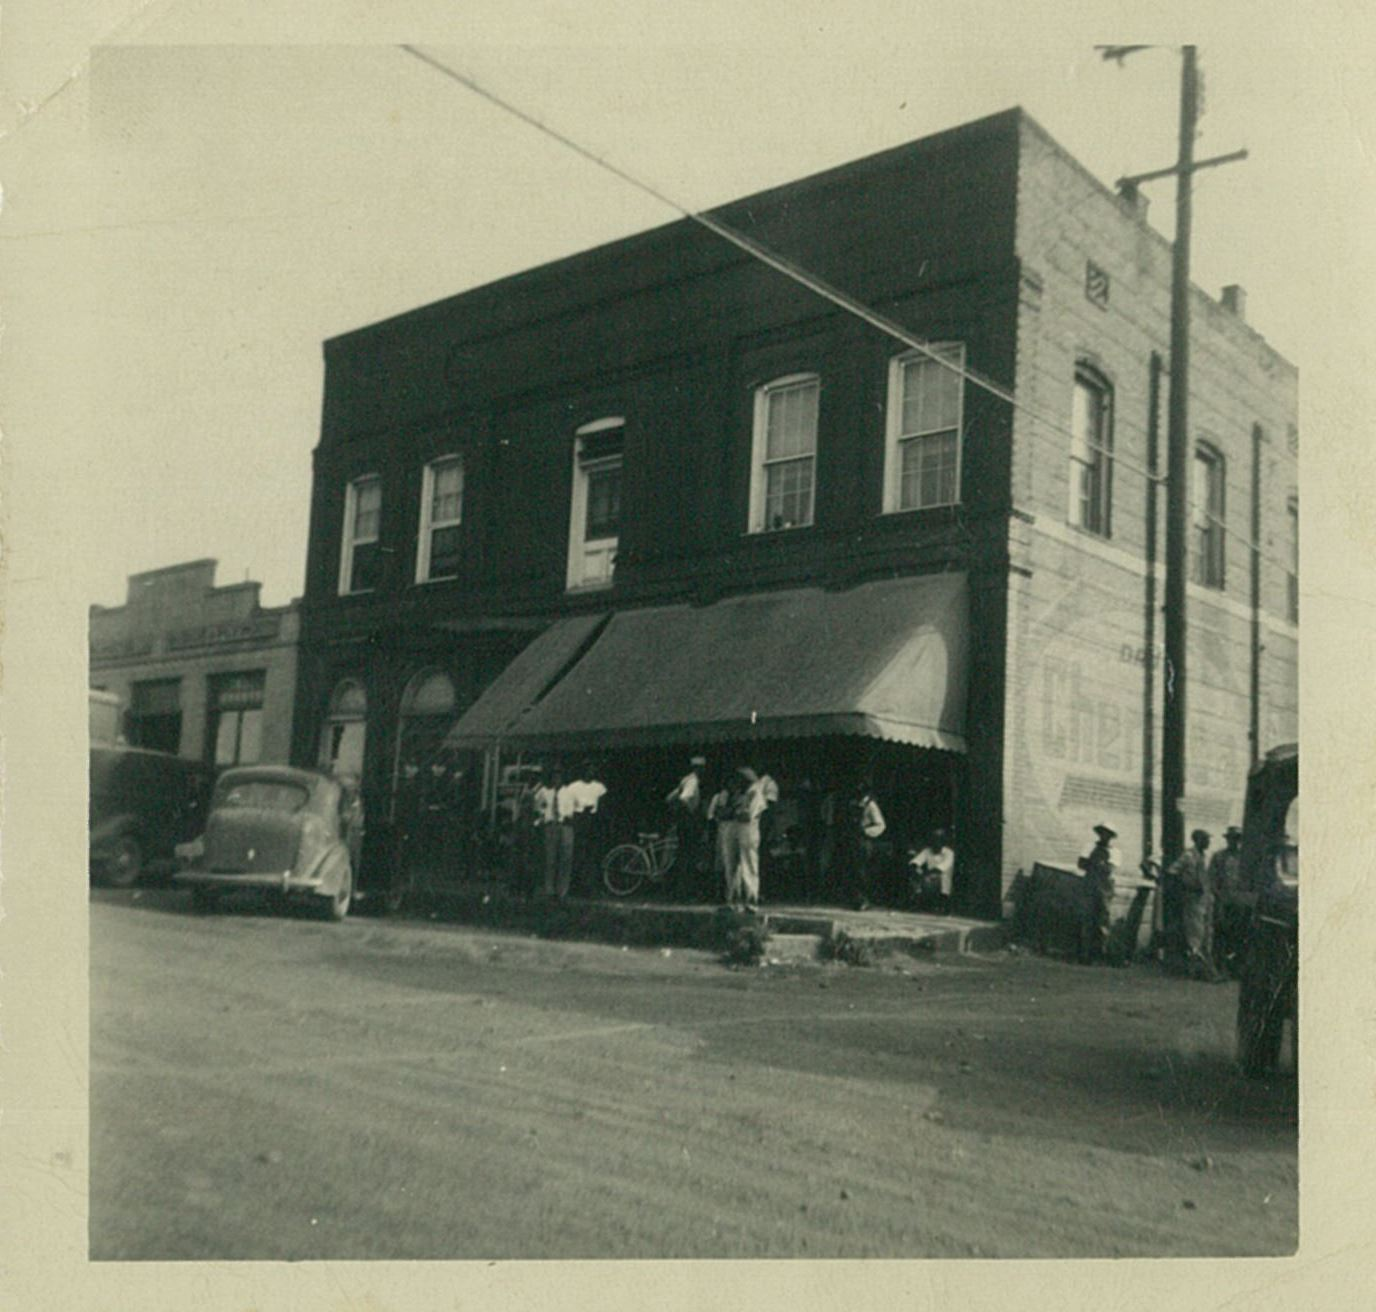 Swords Building c. 1940